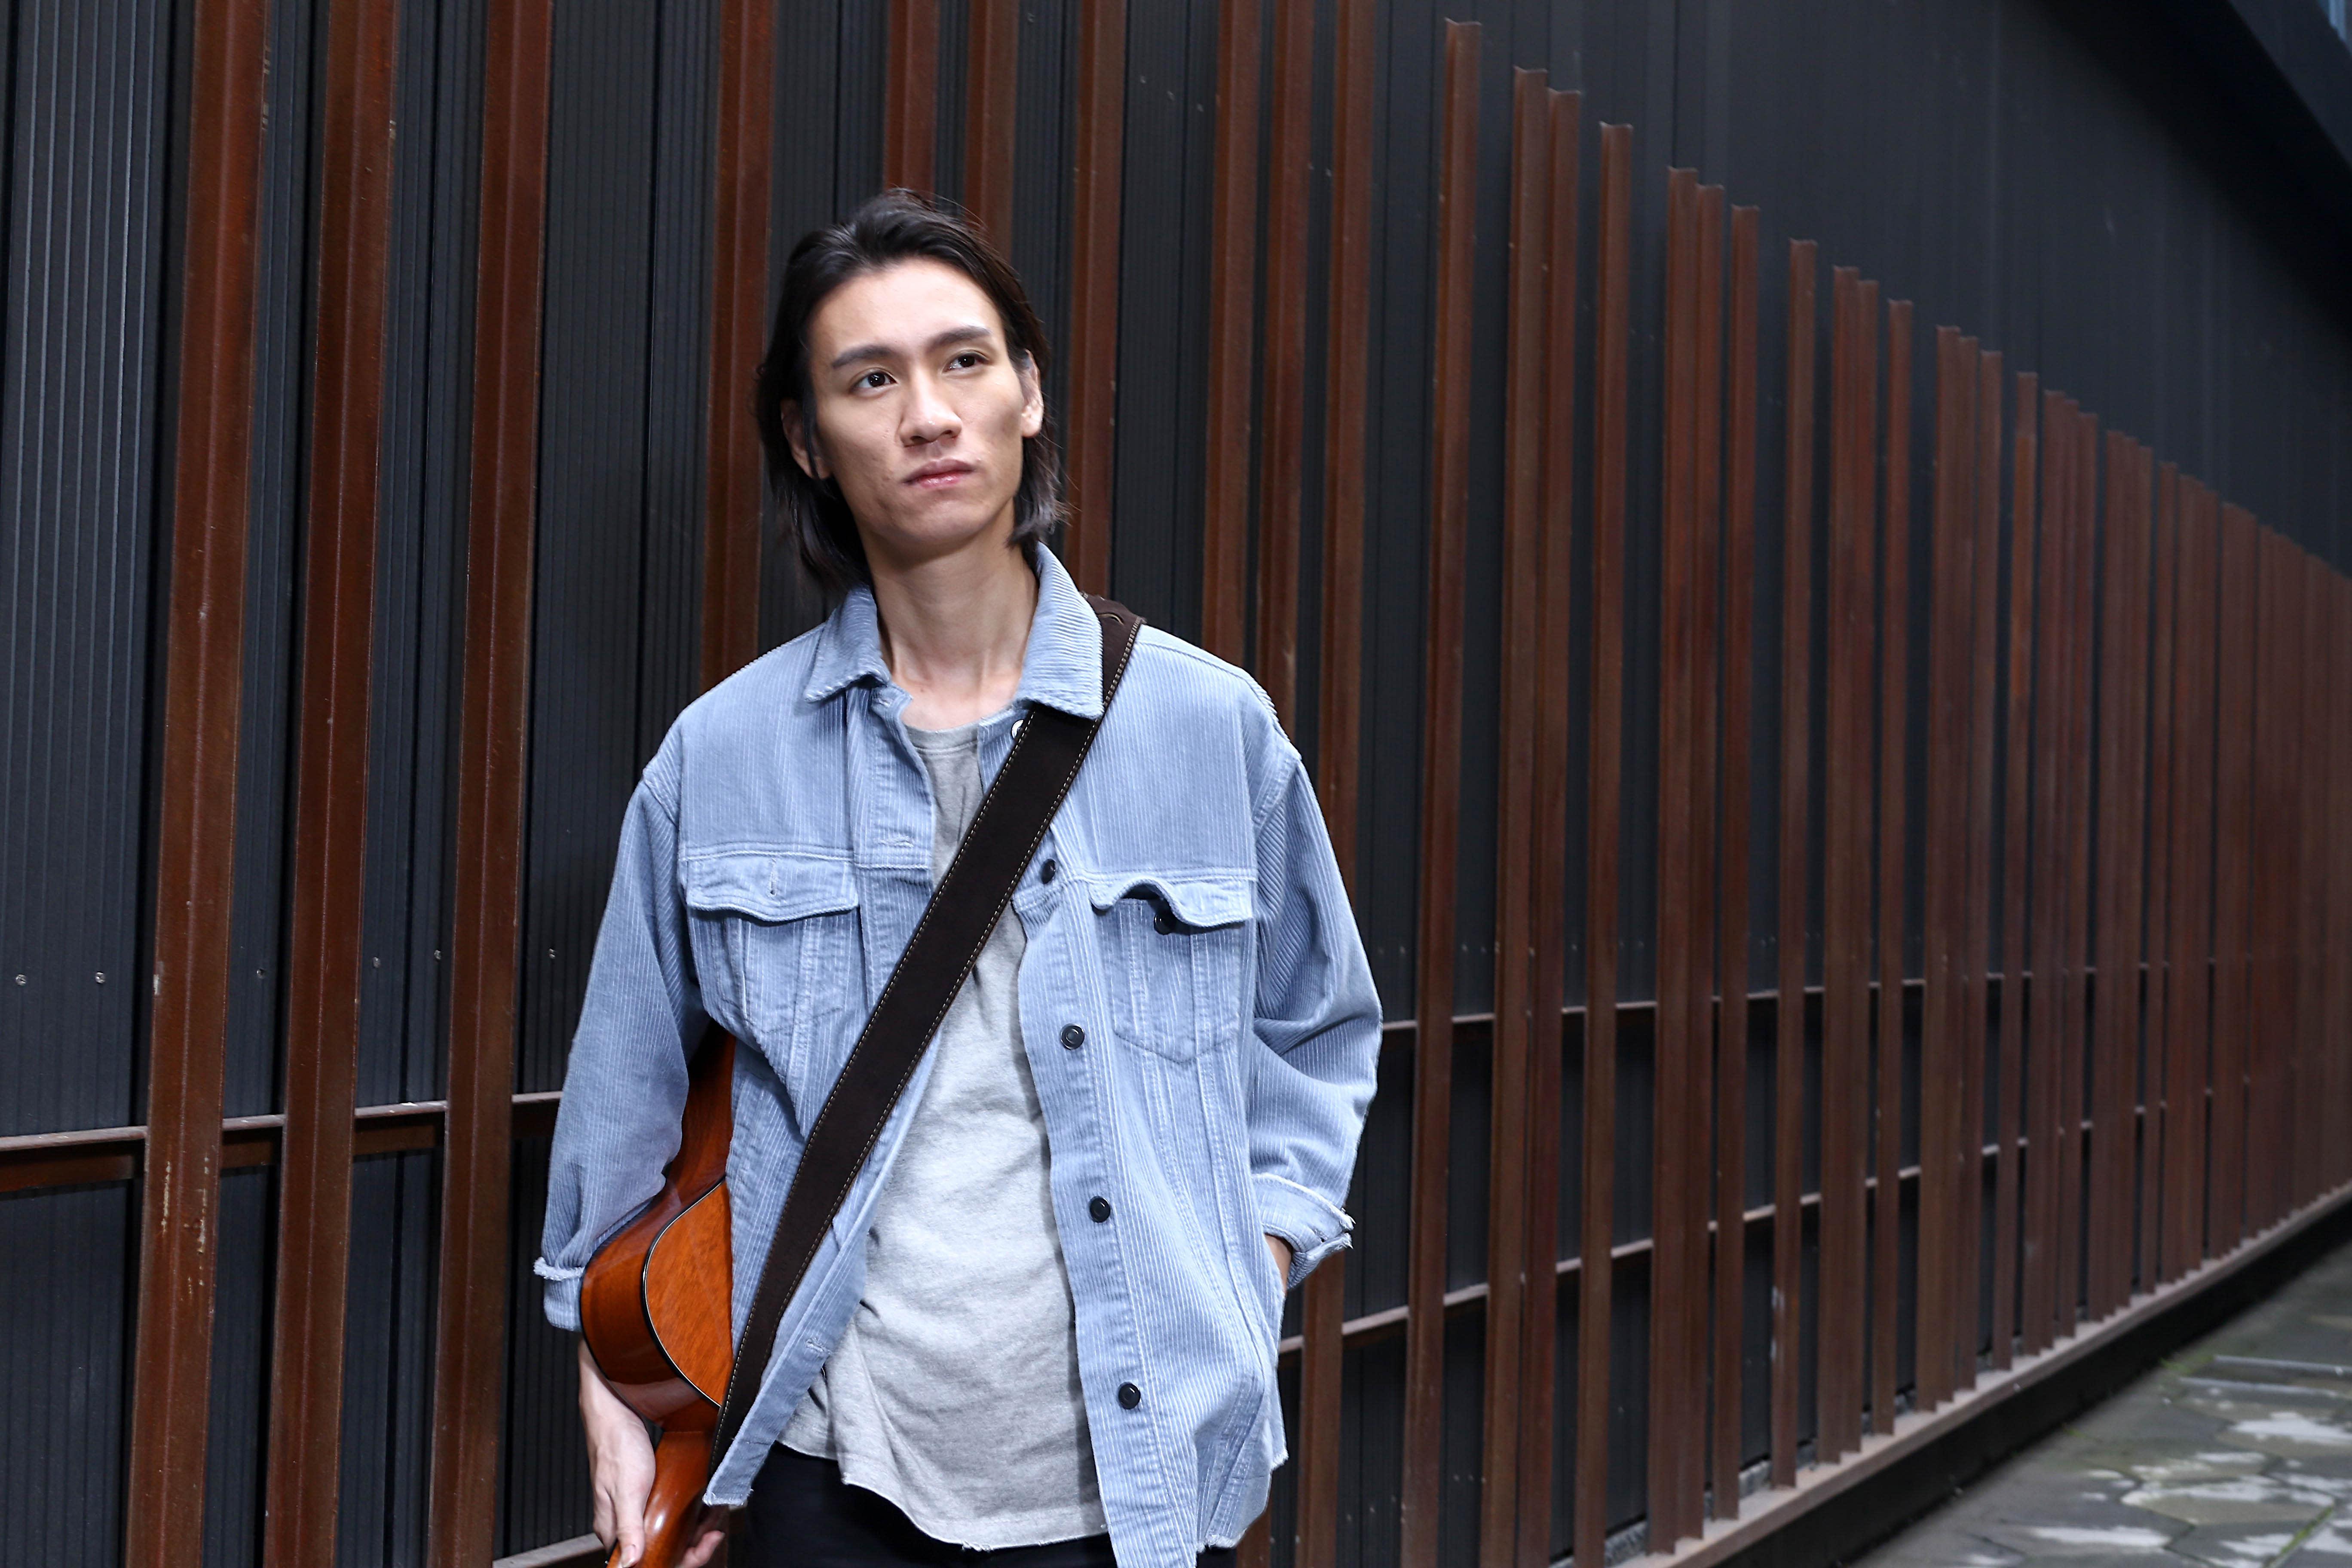 金曲獎/「音樂流浪者」柯智棠:當歌手要開心,才能做得下去